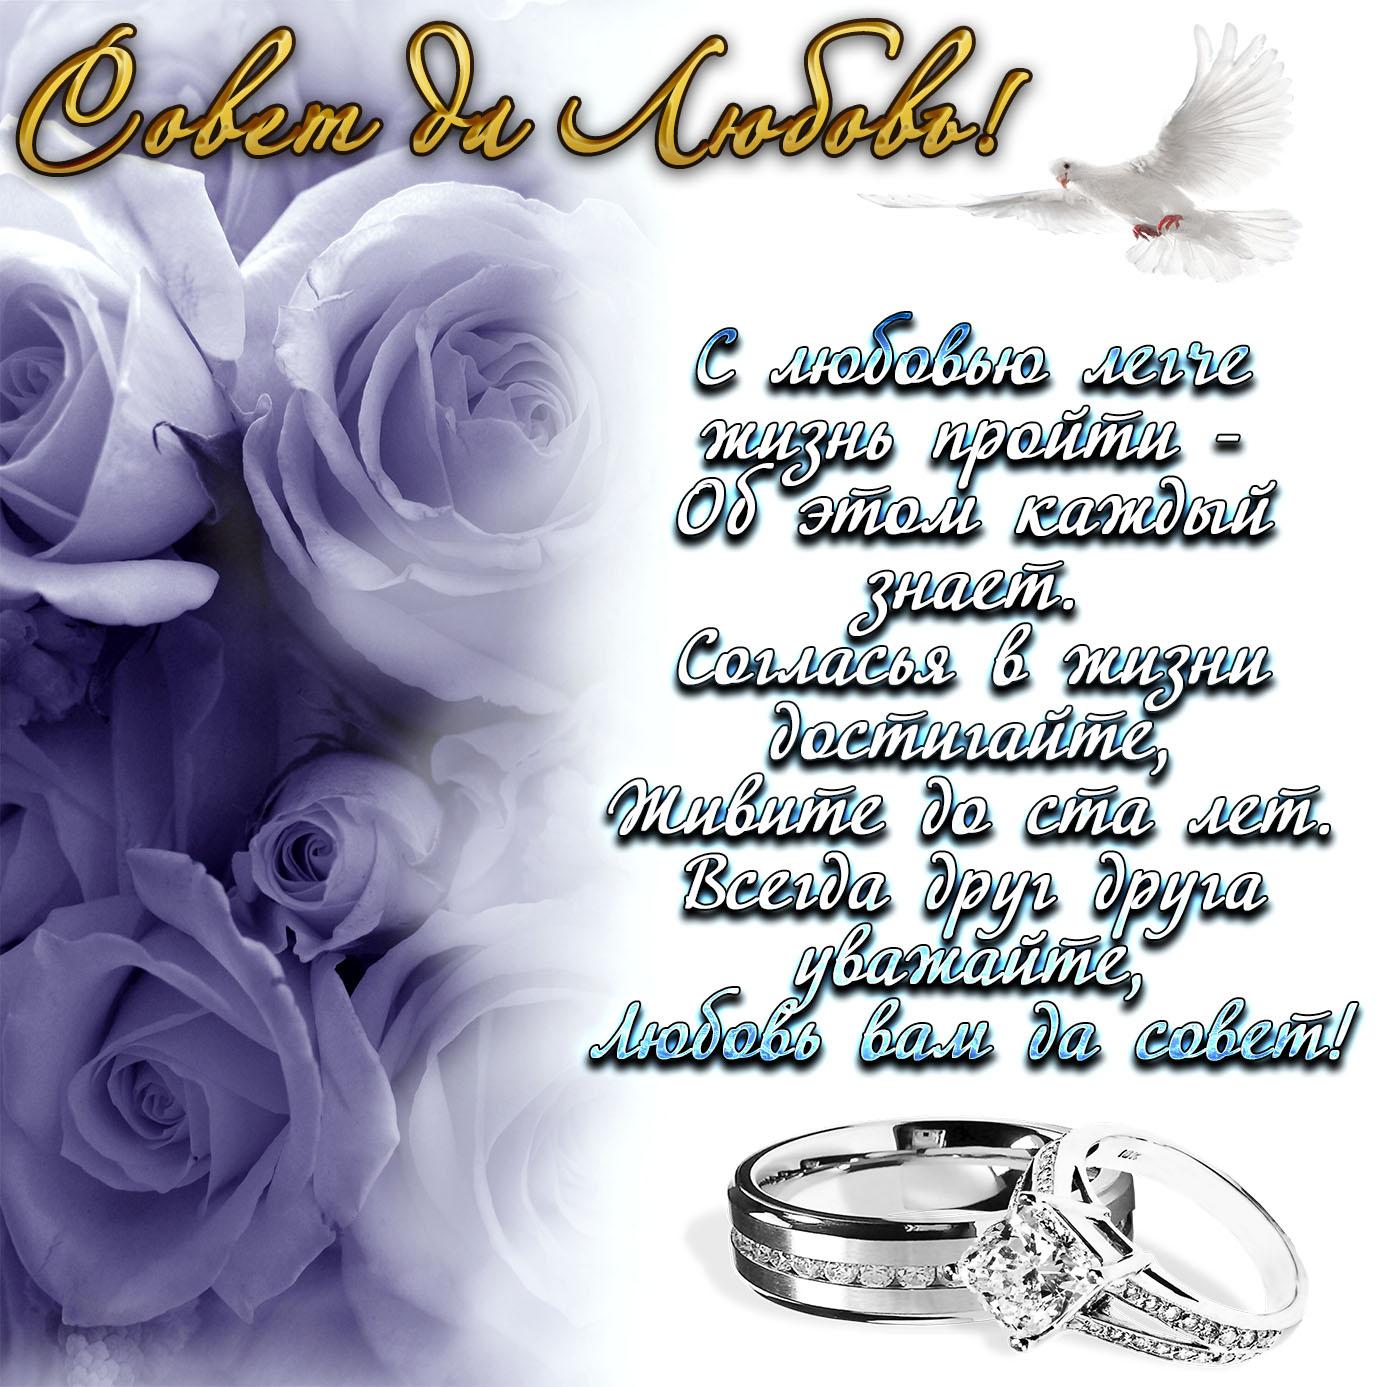 Картинка с красивым пожеланием на свадьбу